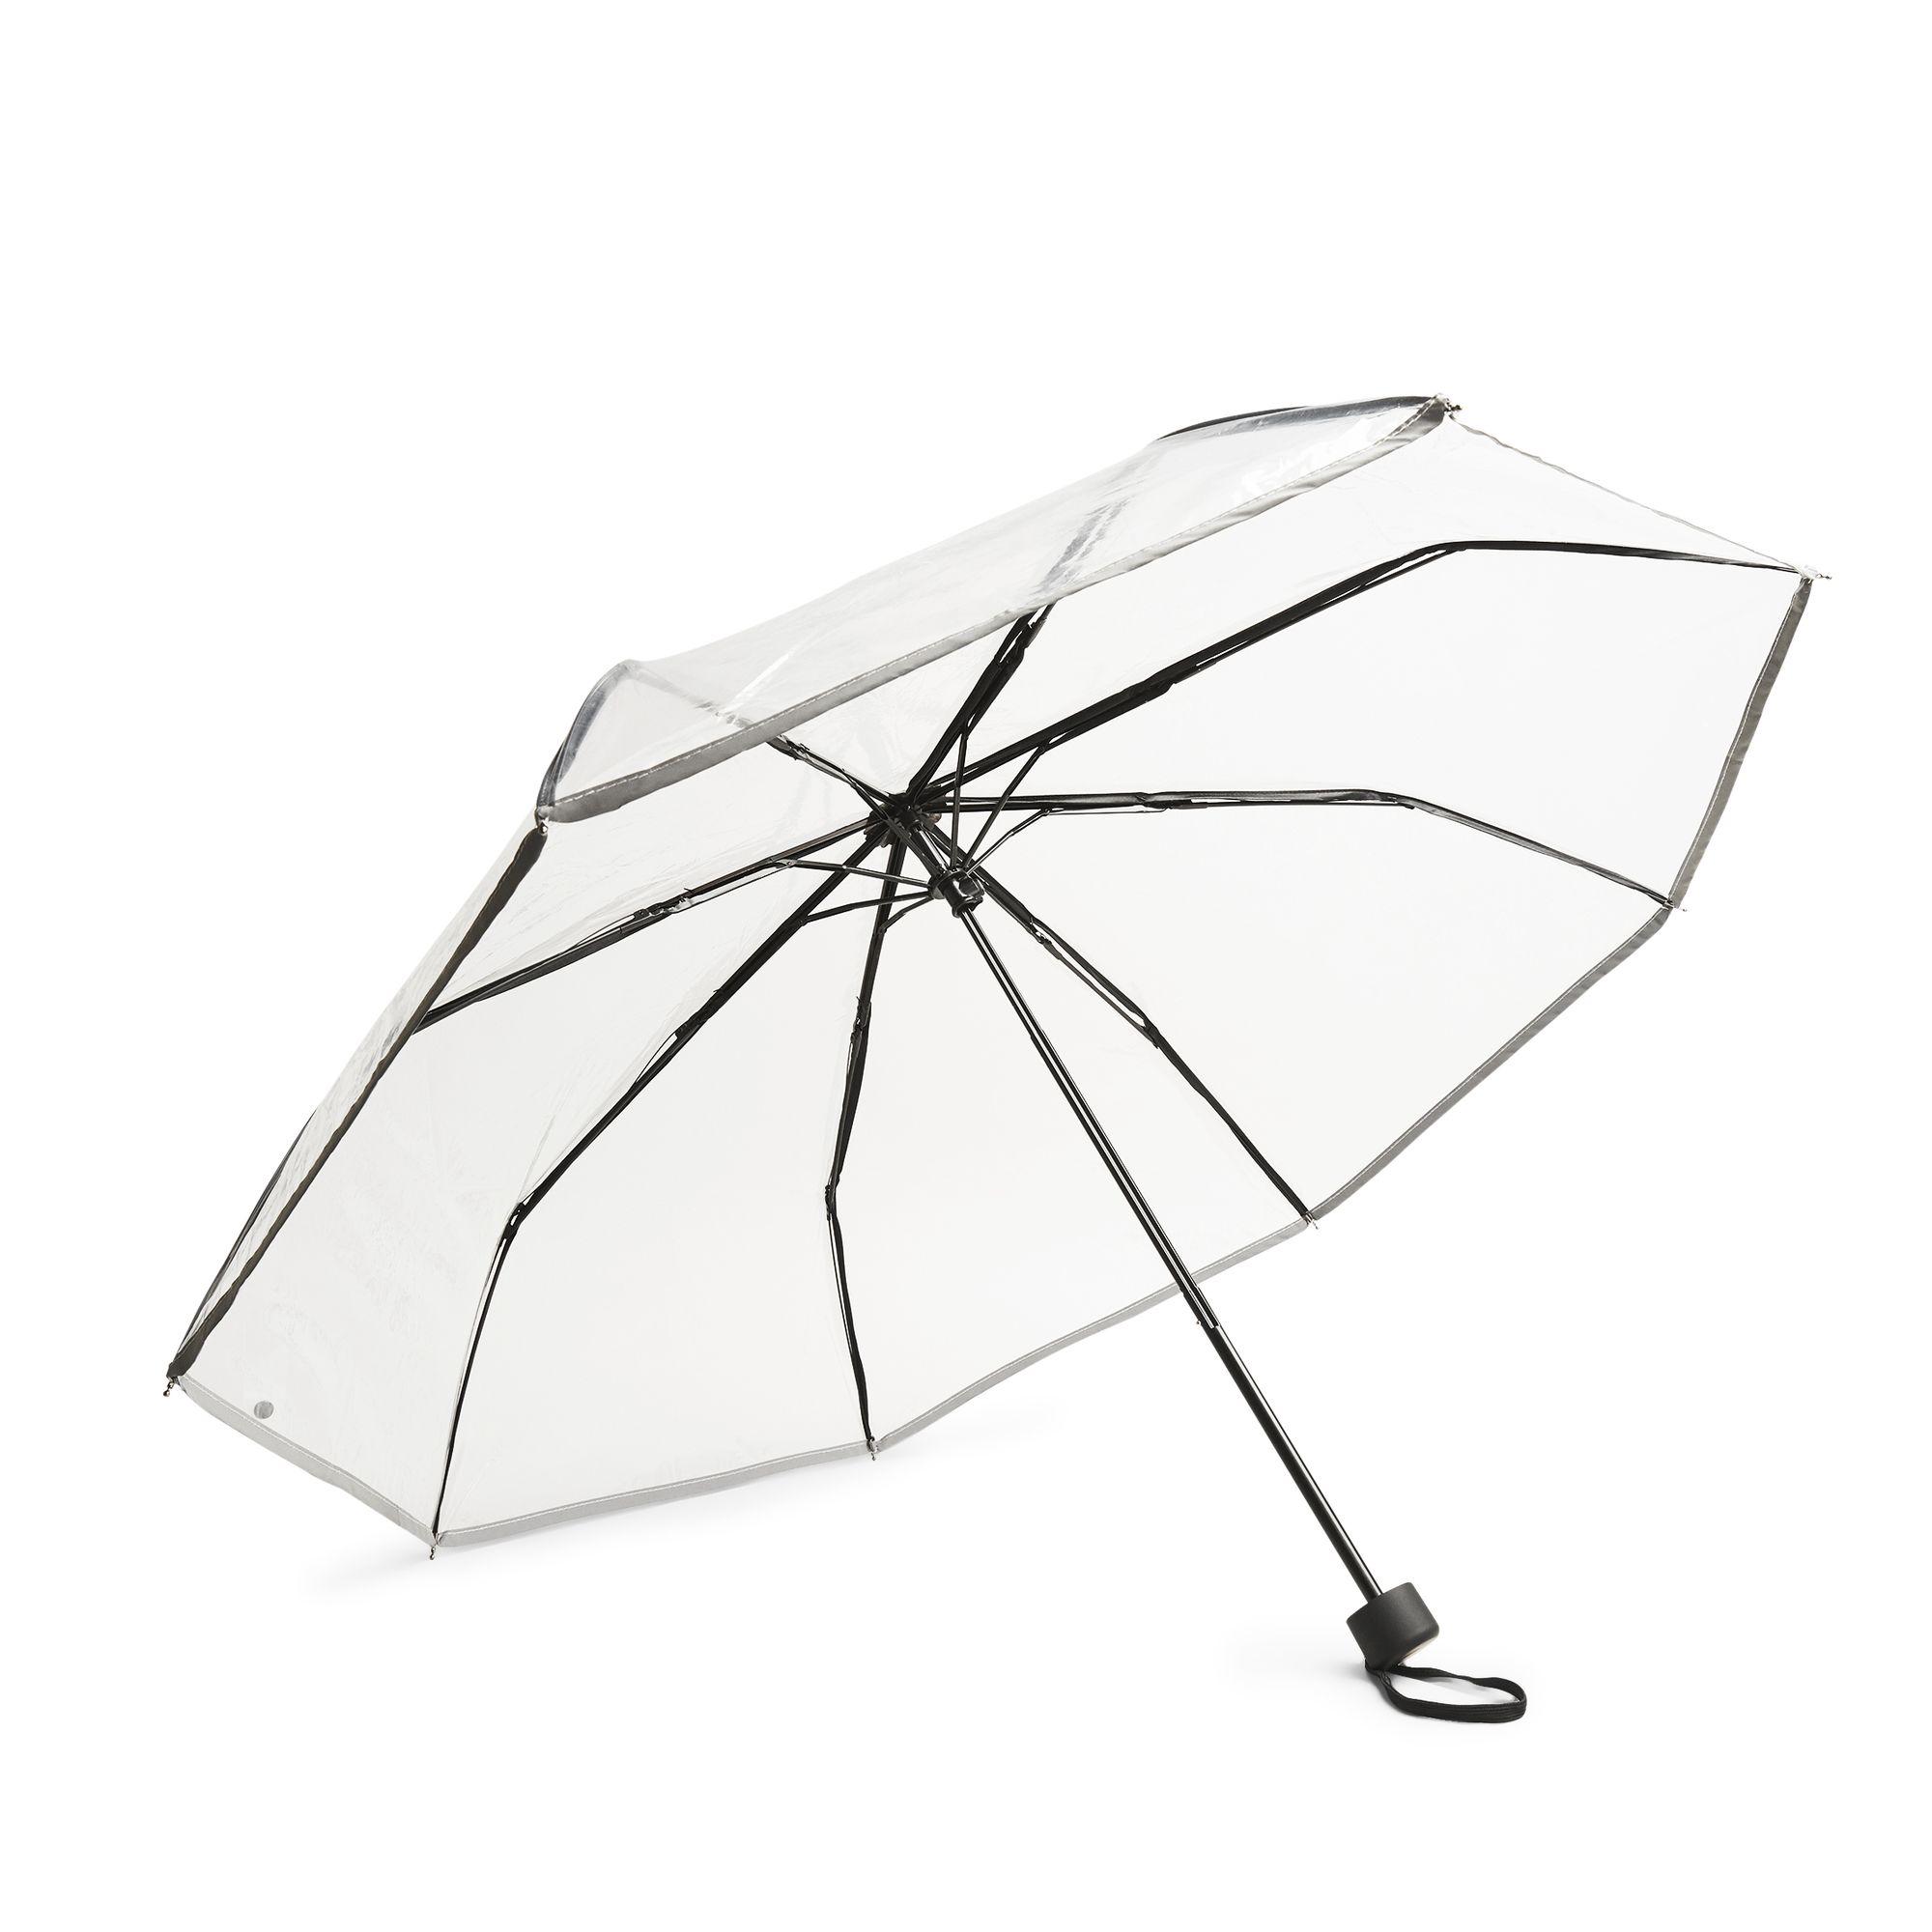 Bilde av A-to-b Gjennomsiktig Paraply, Svart